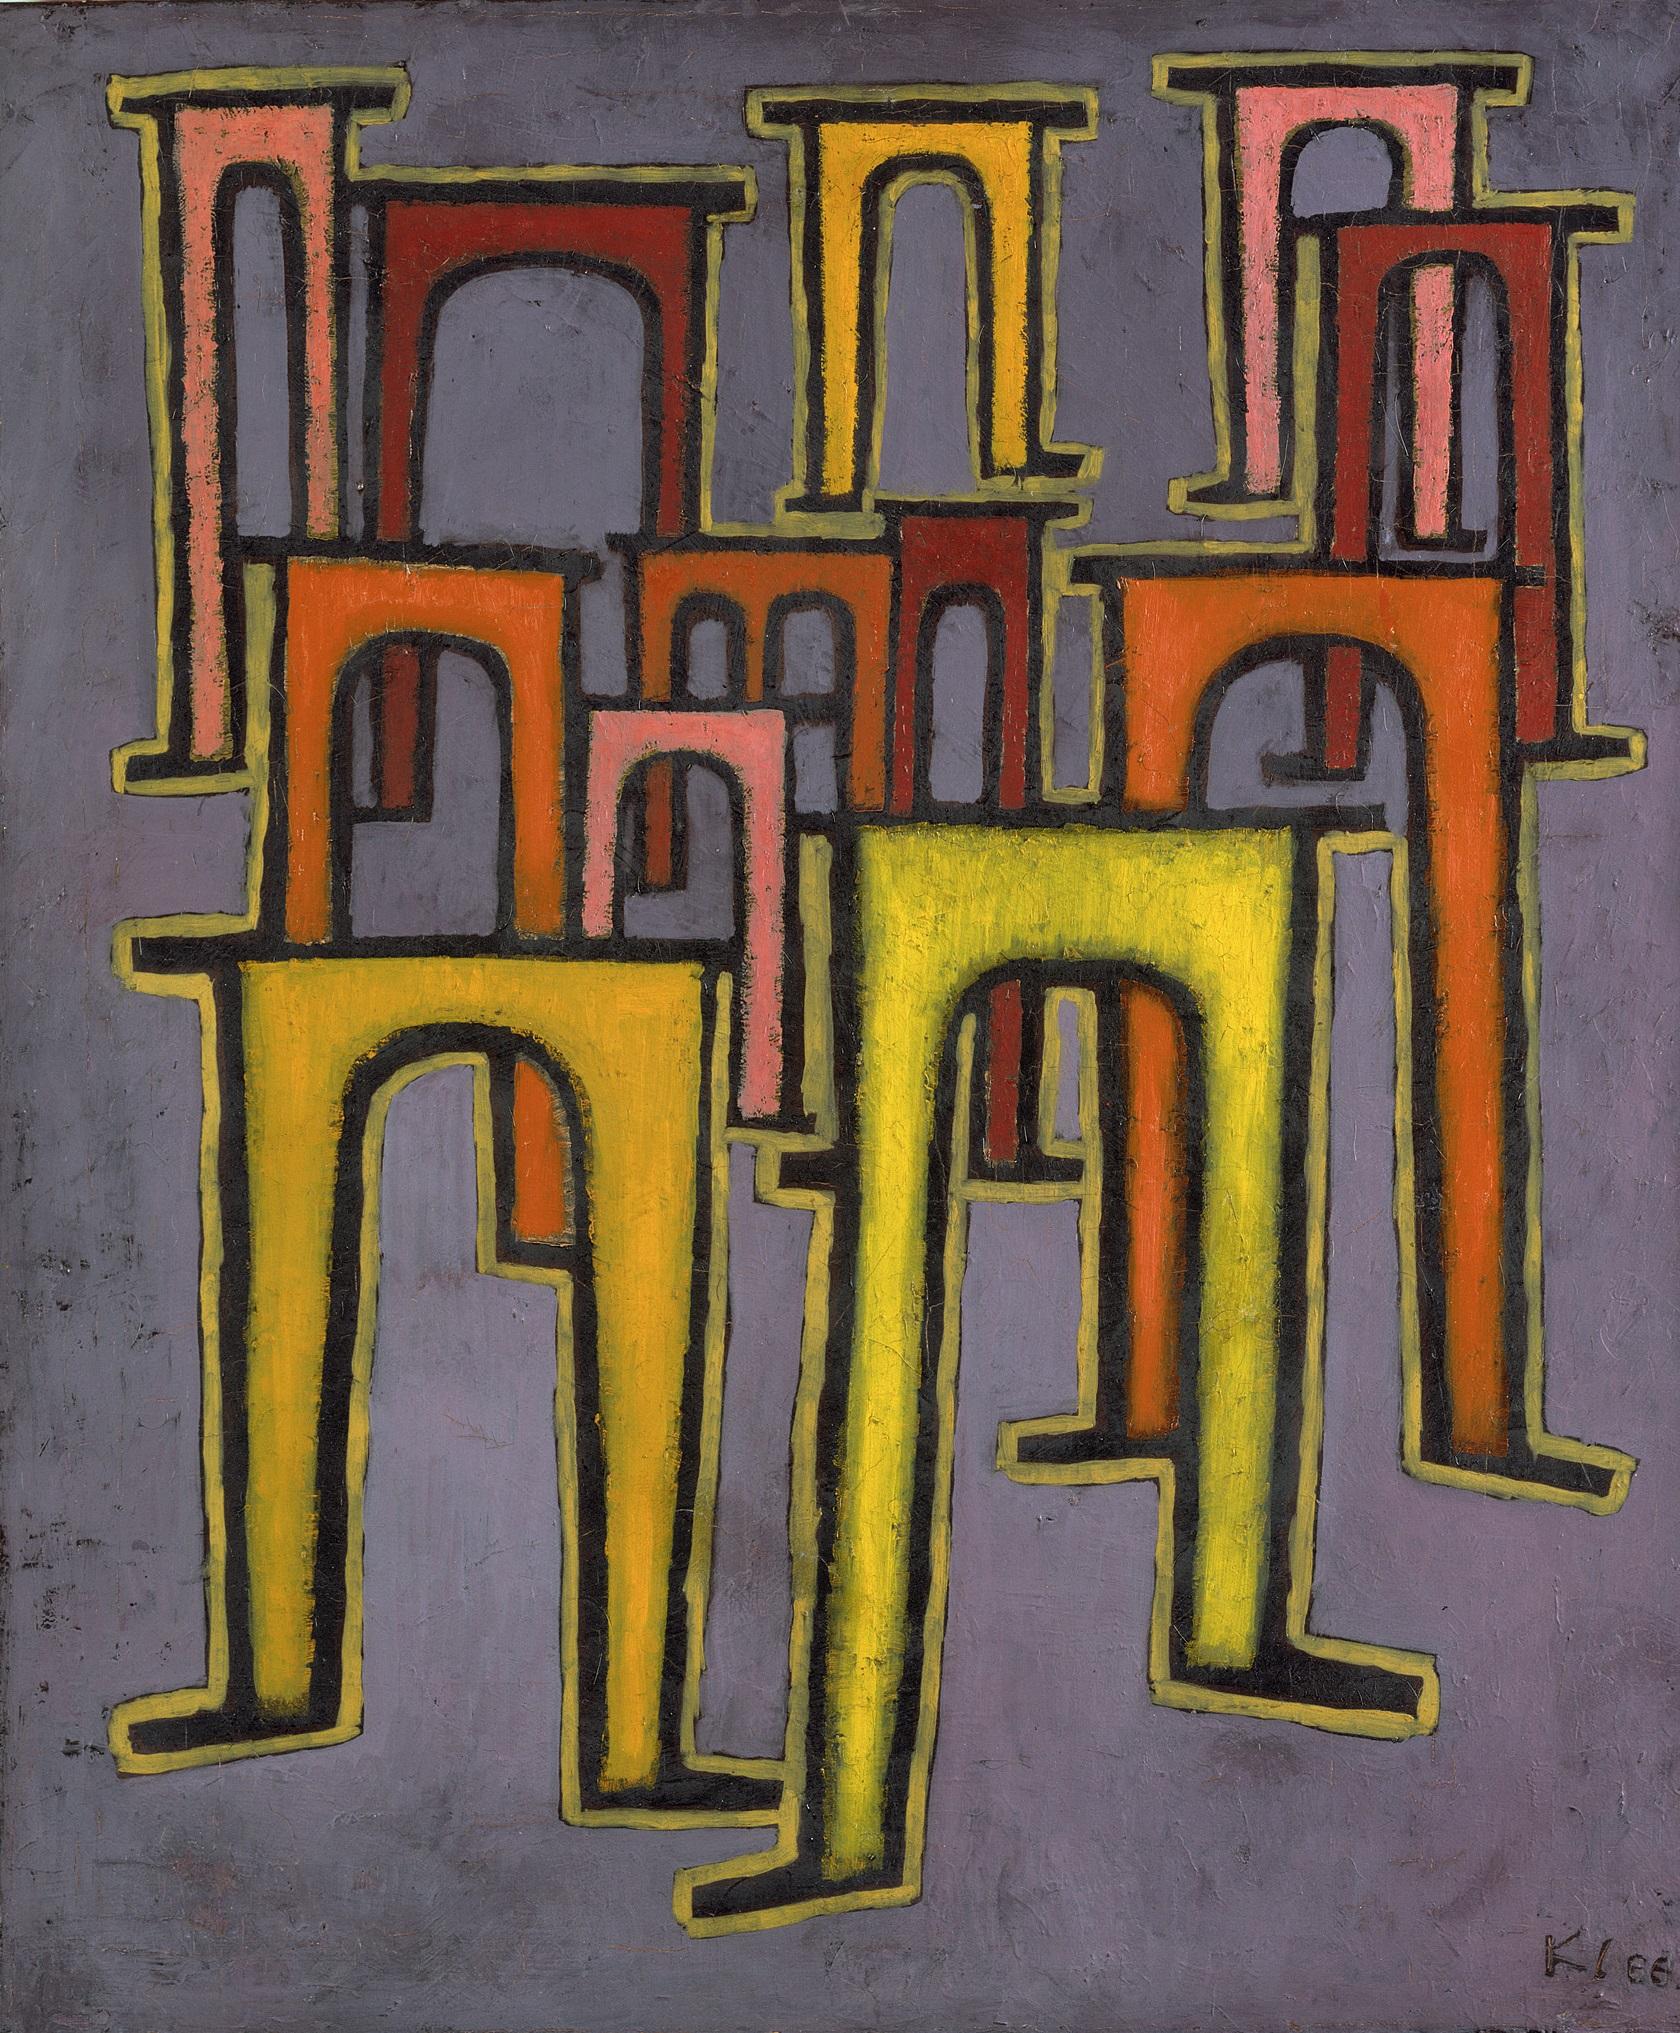 Paul Klee:  Revolution des Viaductes, 1937; ©Hamburger Kunsthalle / bpk; Foto: Elke Walford